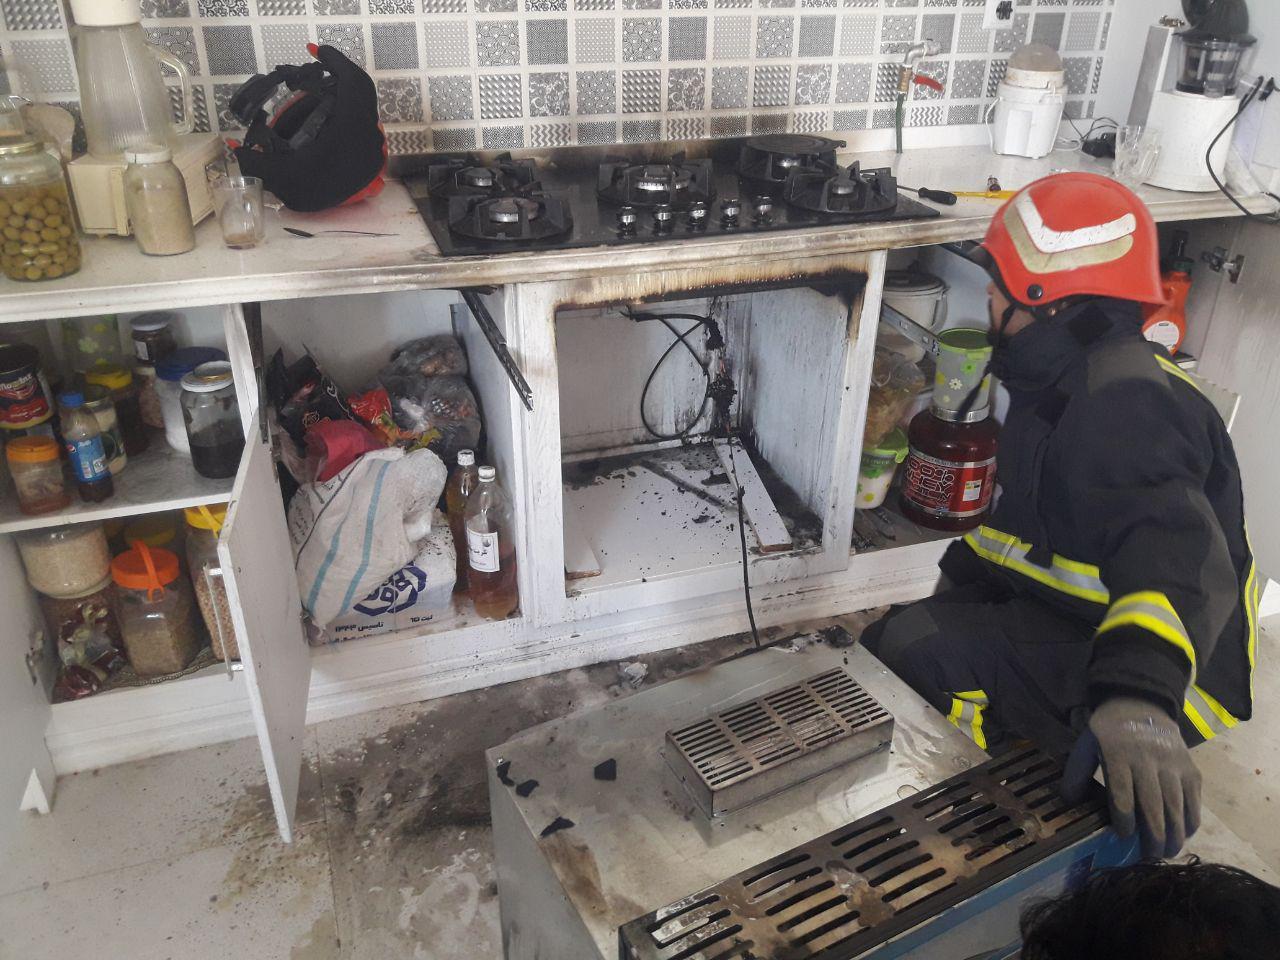 اتصال برق منزل مسکونی را به آتش کشید